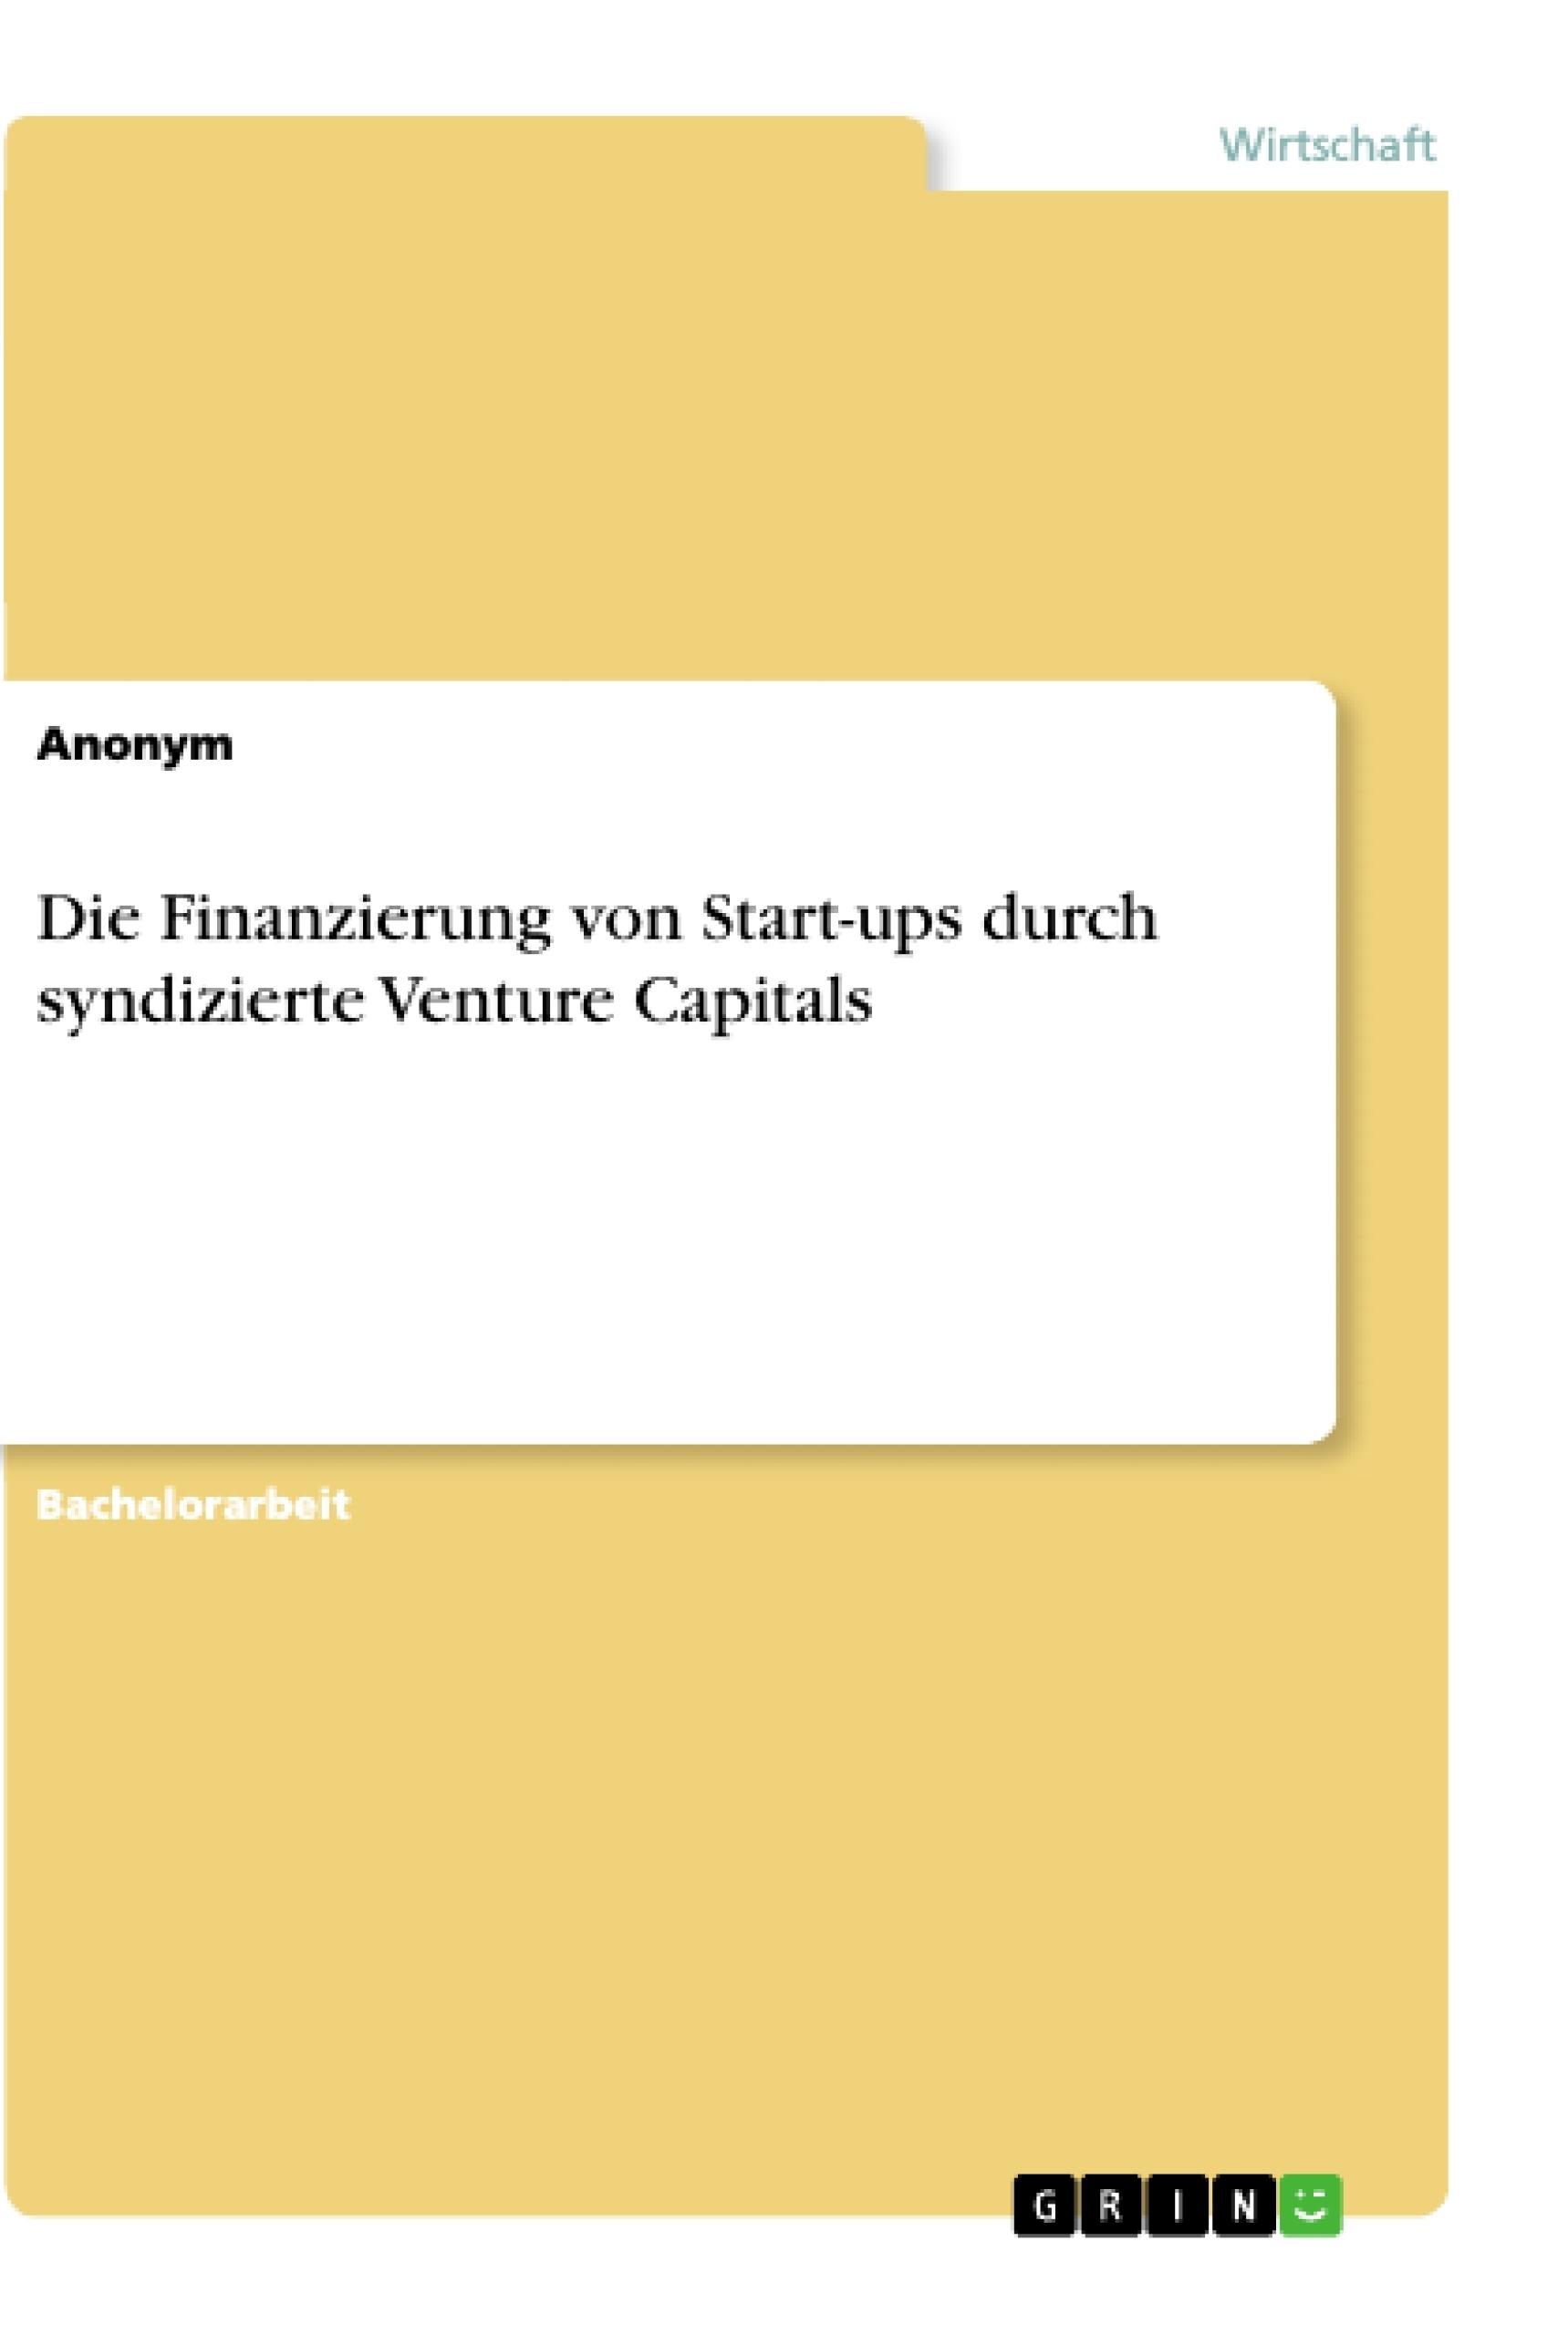 Titel: Die Finanzierung von Start-ups durch syndizierte Venture Capitals